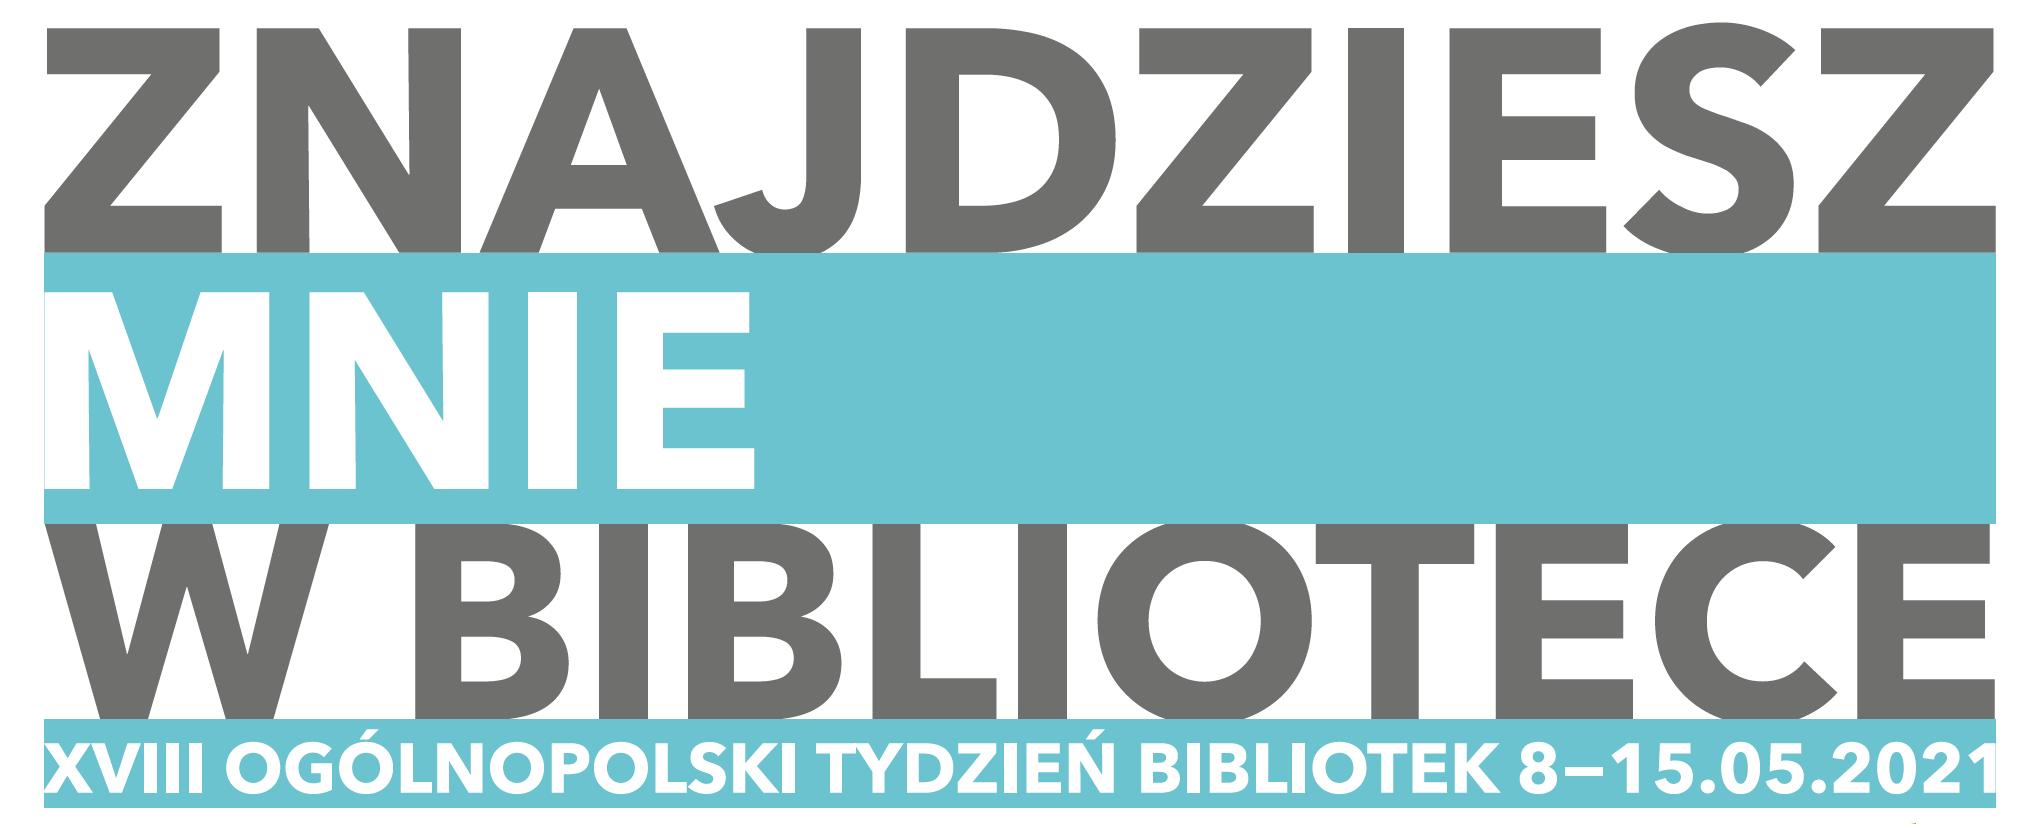 Hasło promujące XVIII Tydzień Bibliotek: Znajdziesz mnie w bibliotece